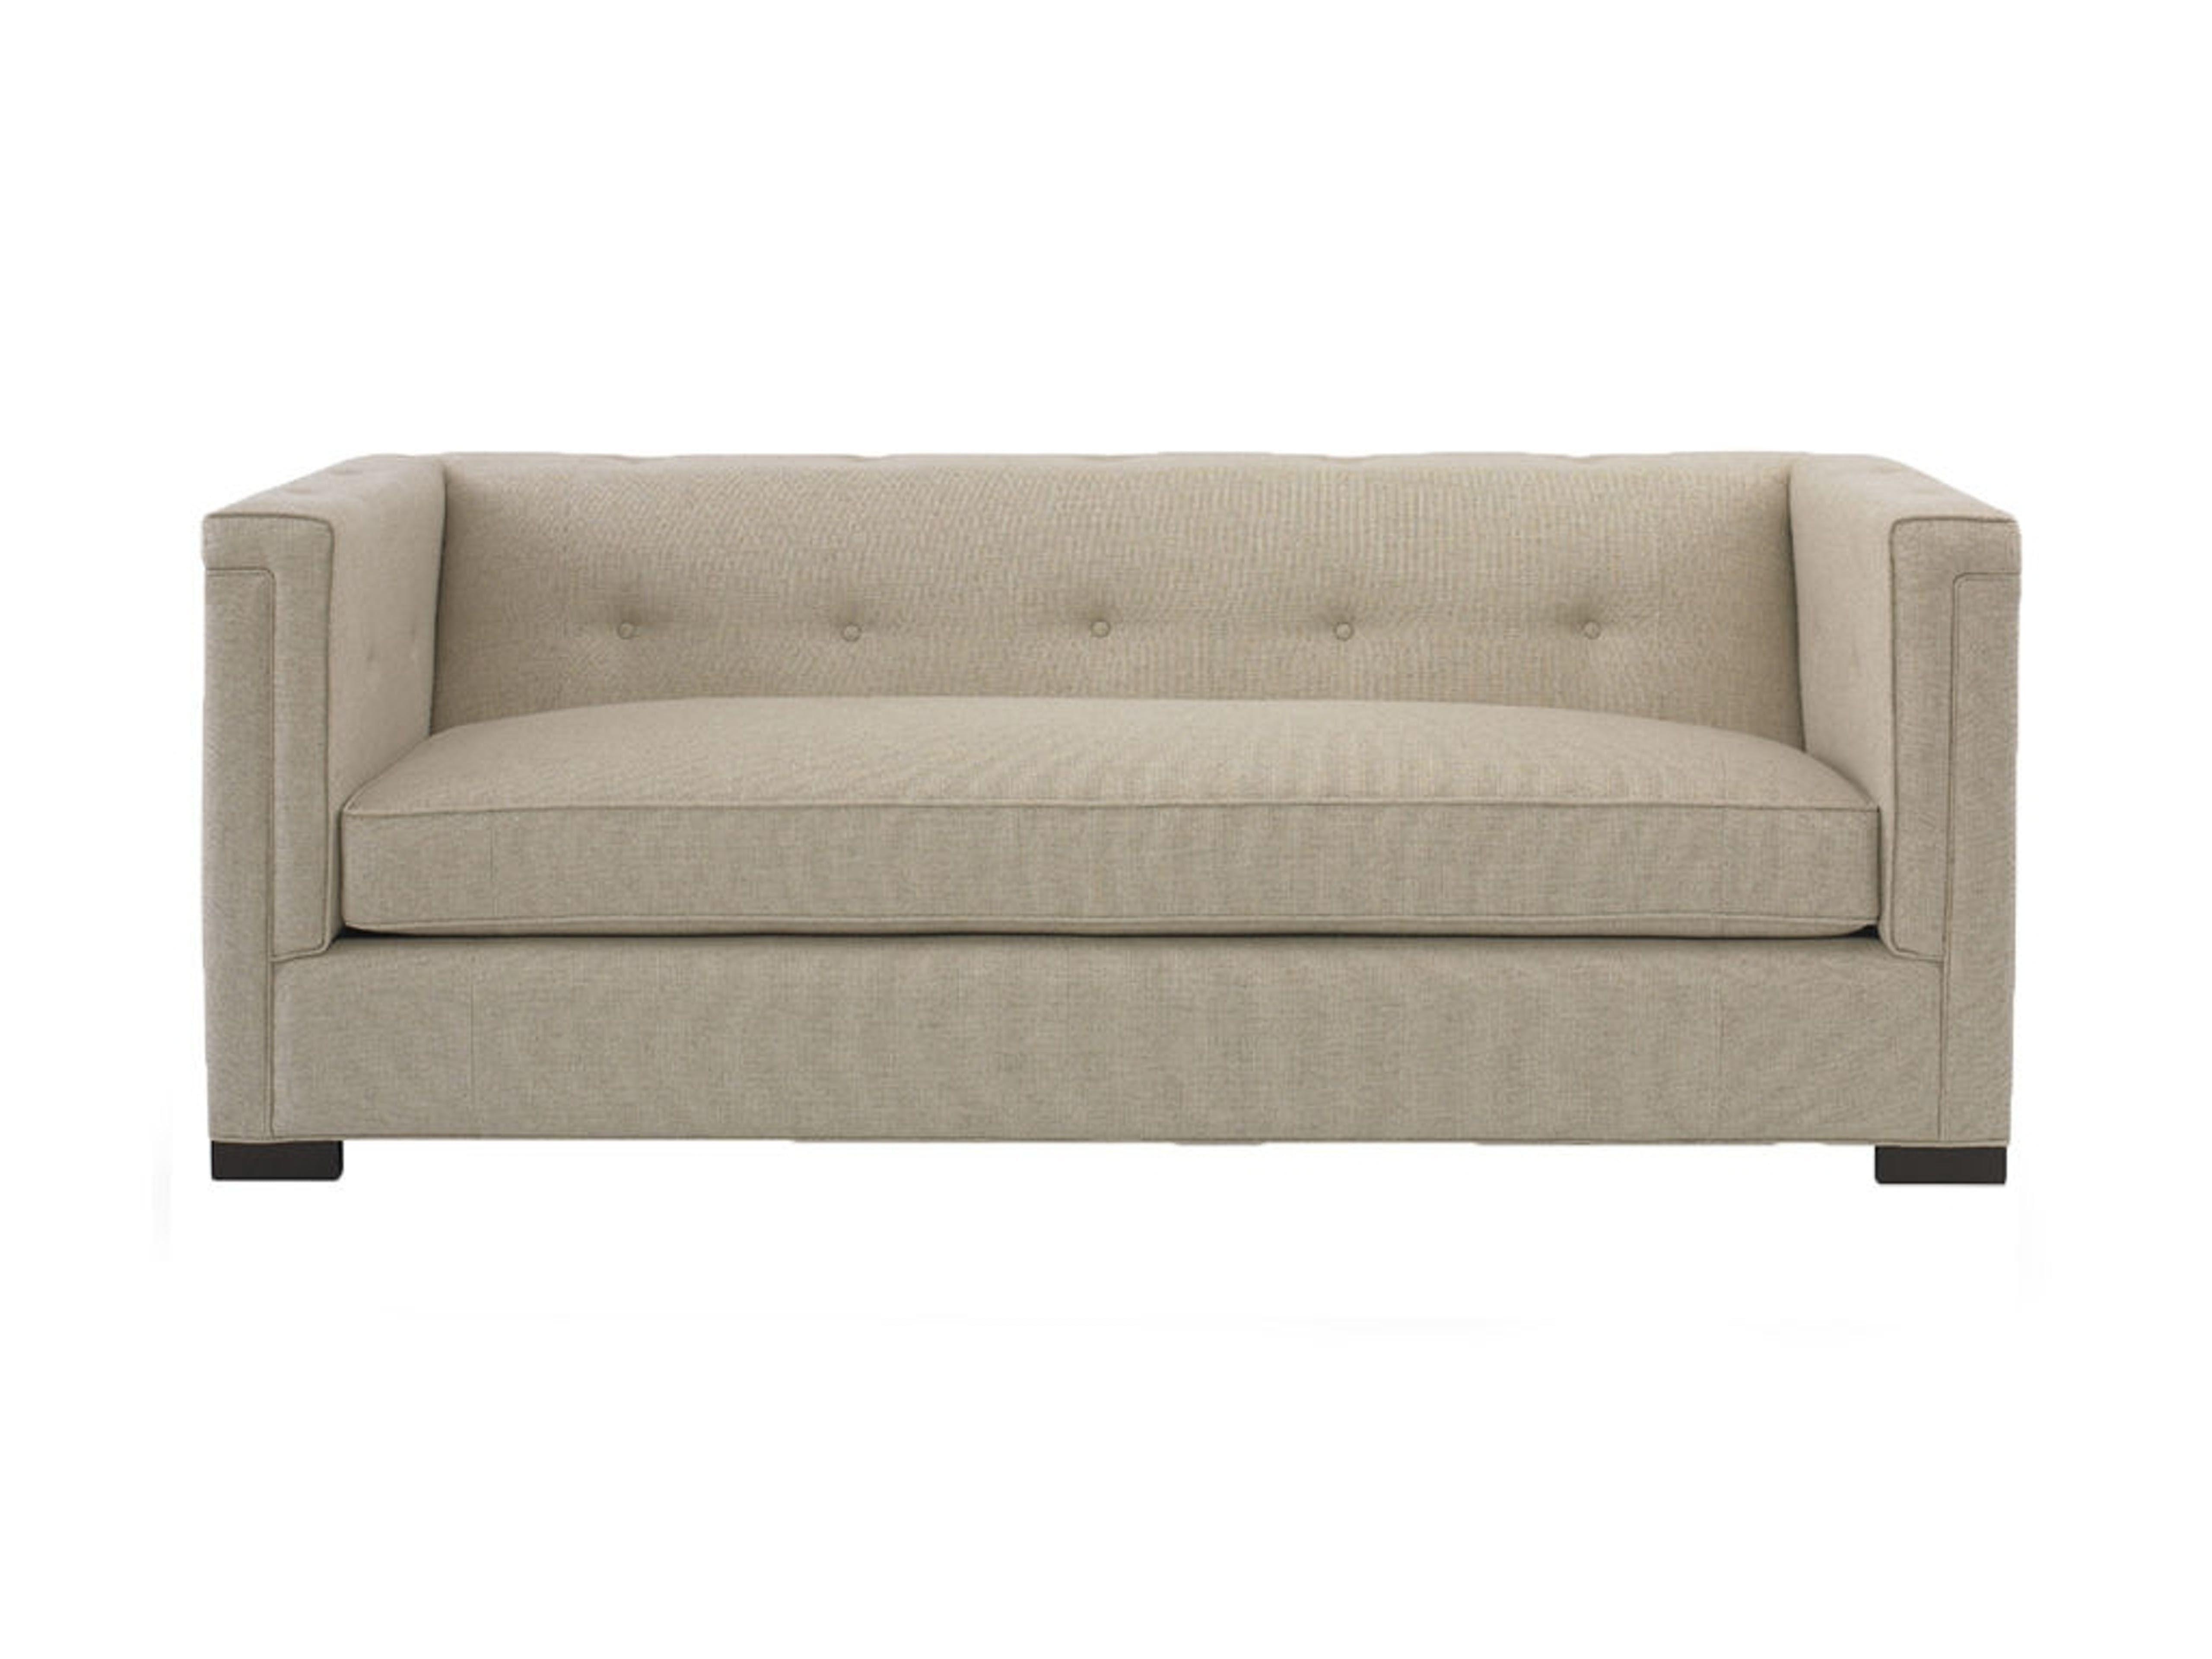 Kravet furniture wilshire sofa furniture sofas modern upholstery